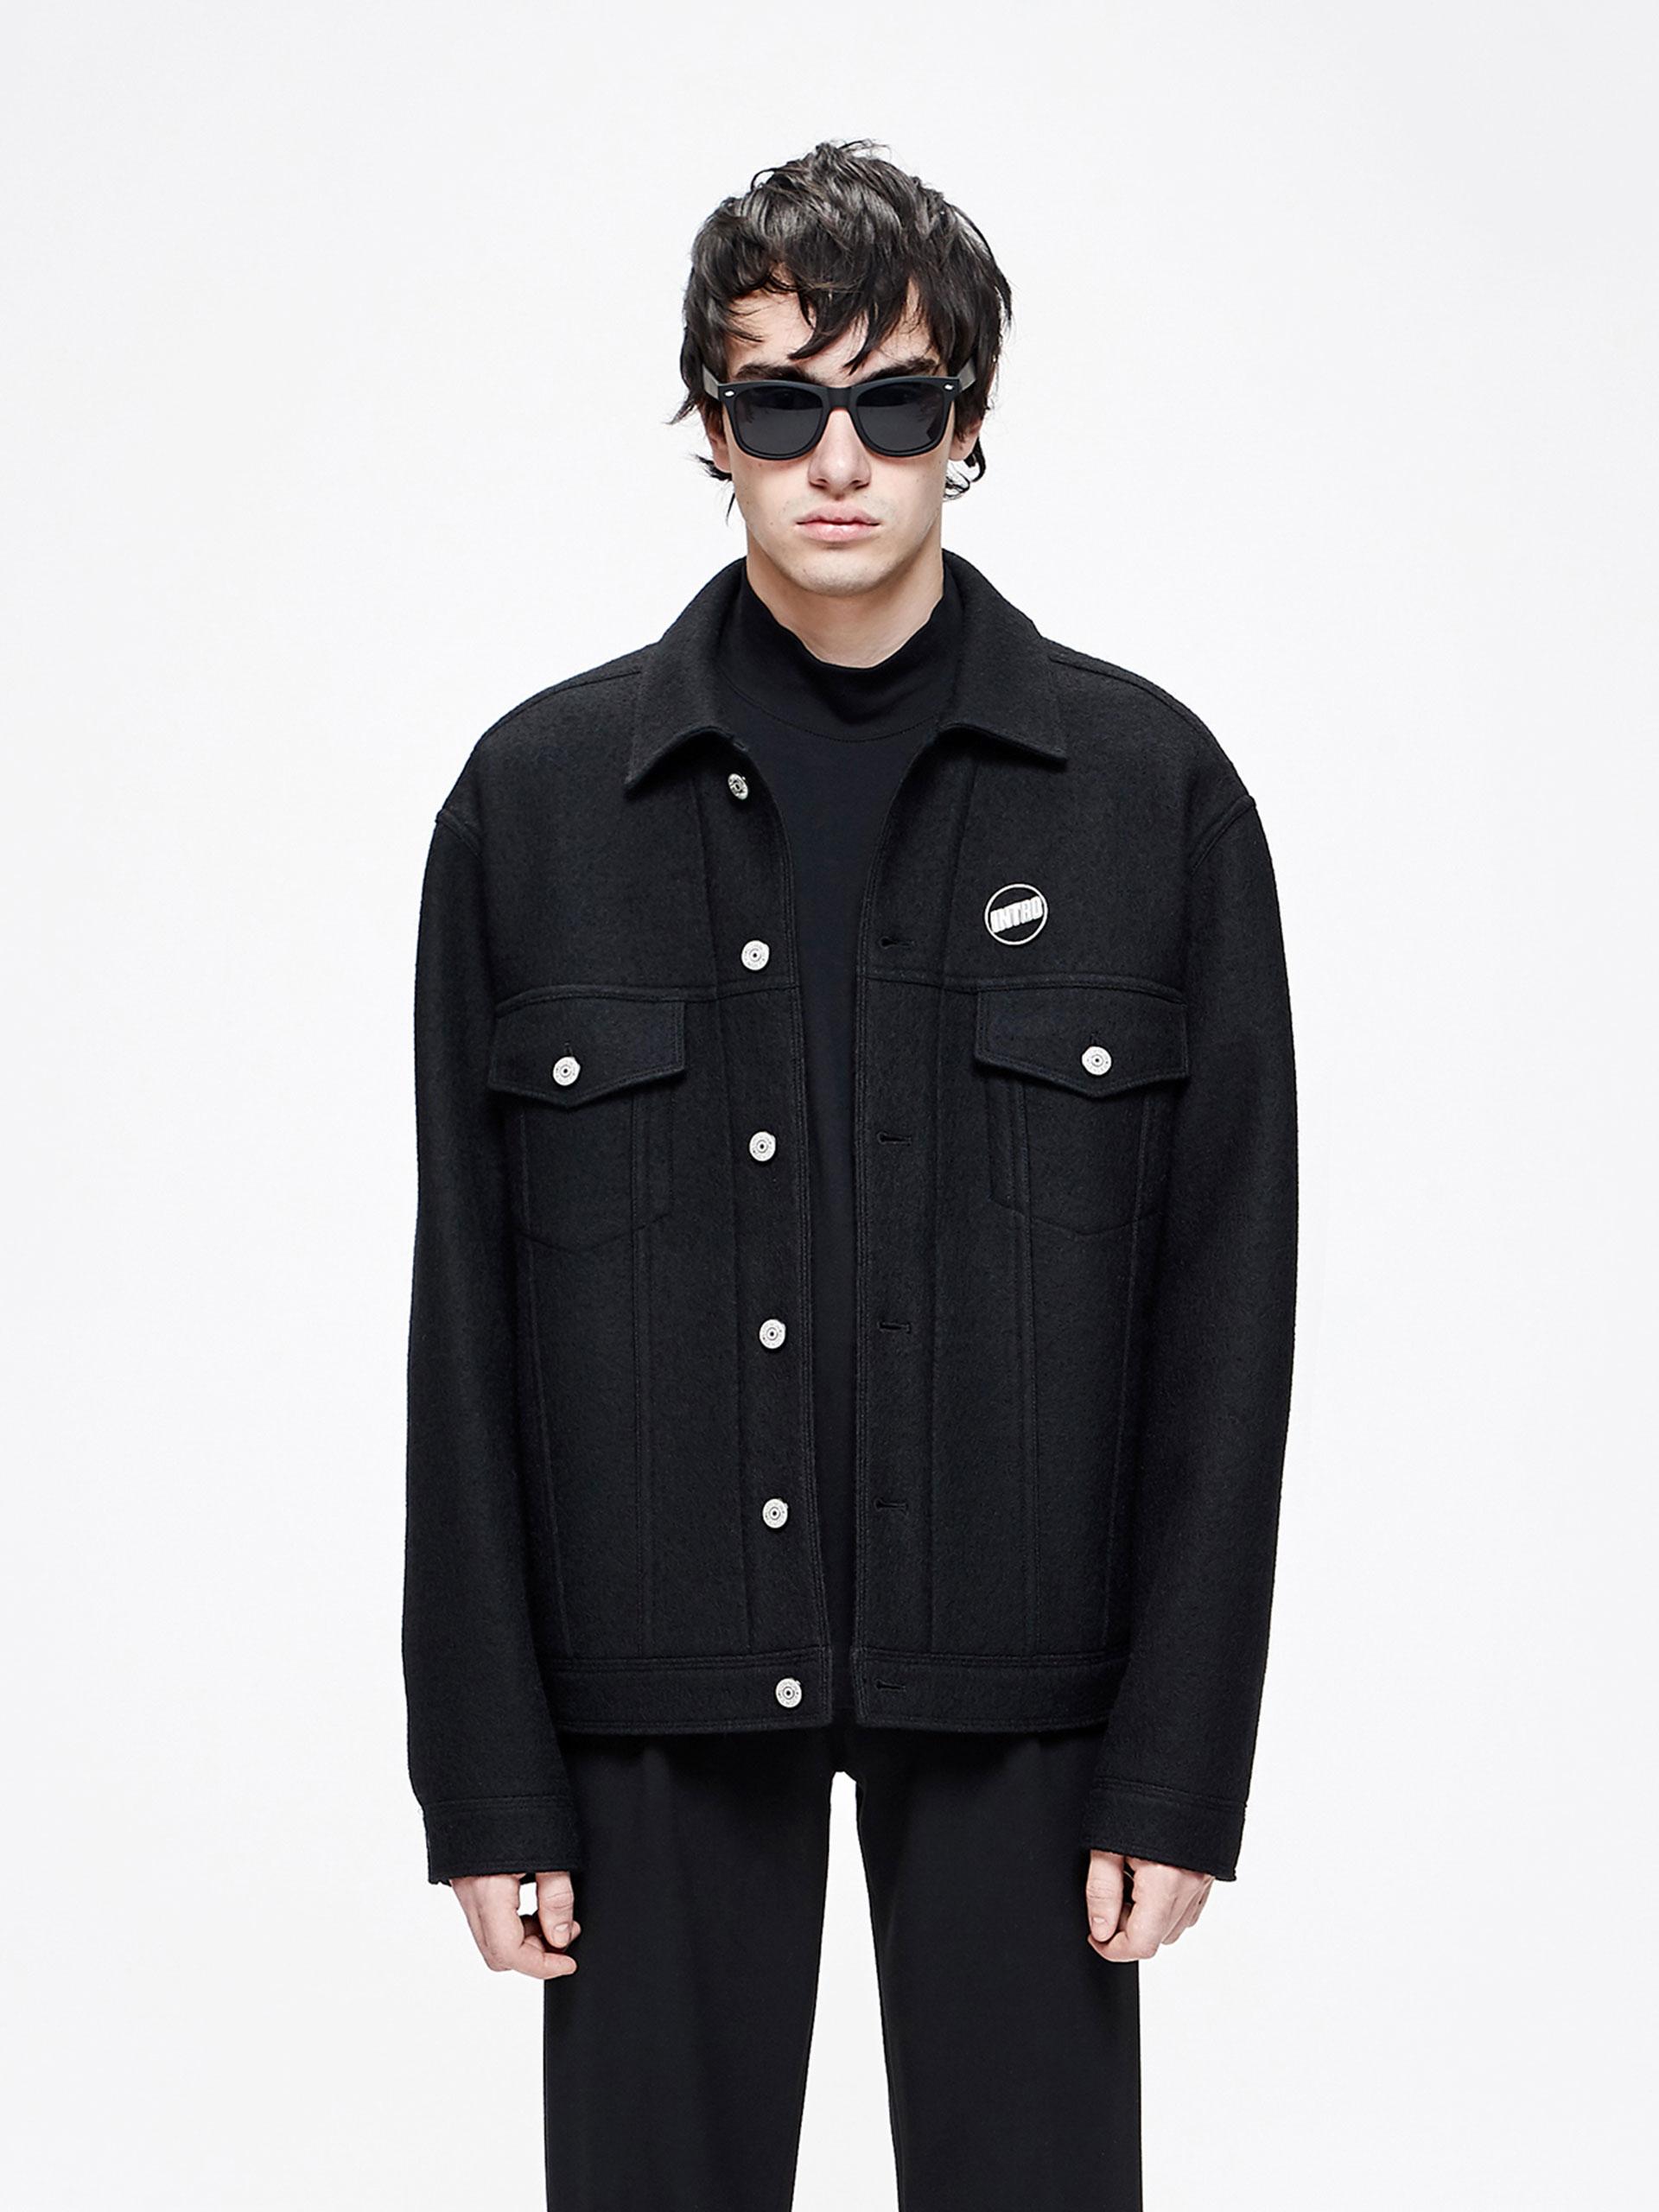 男装短款夹克